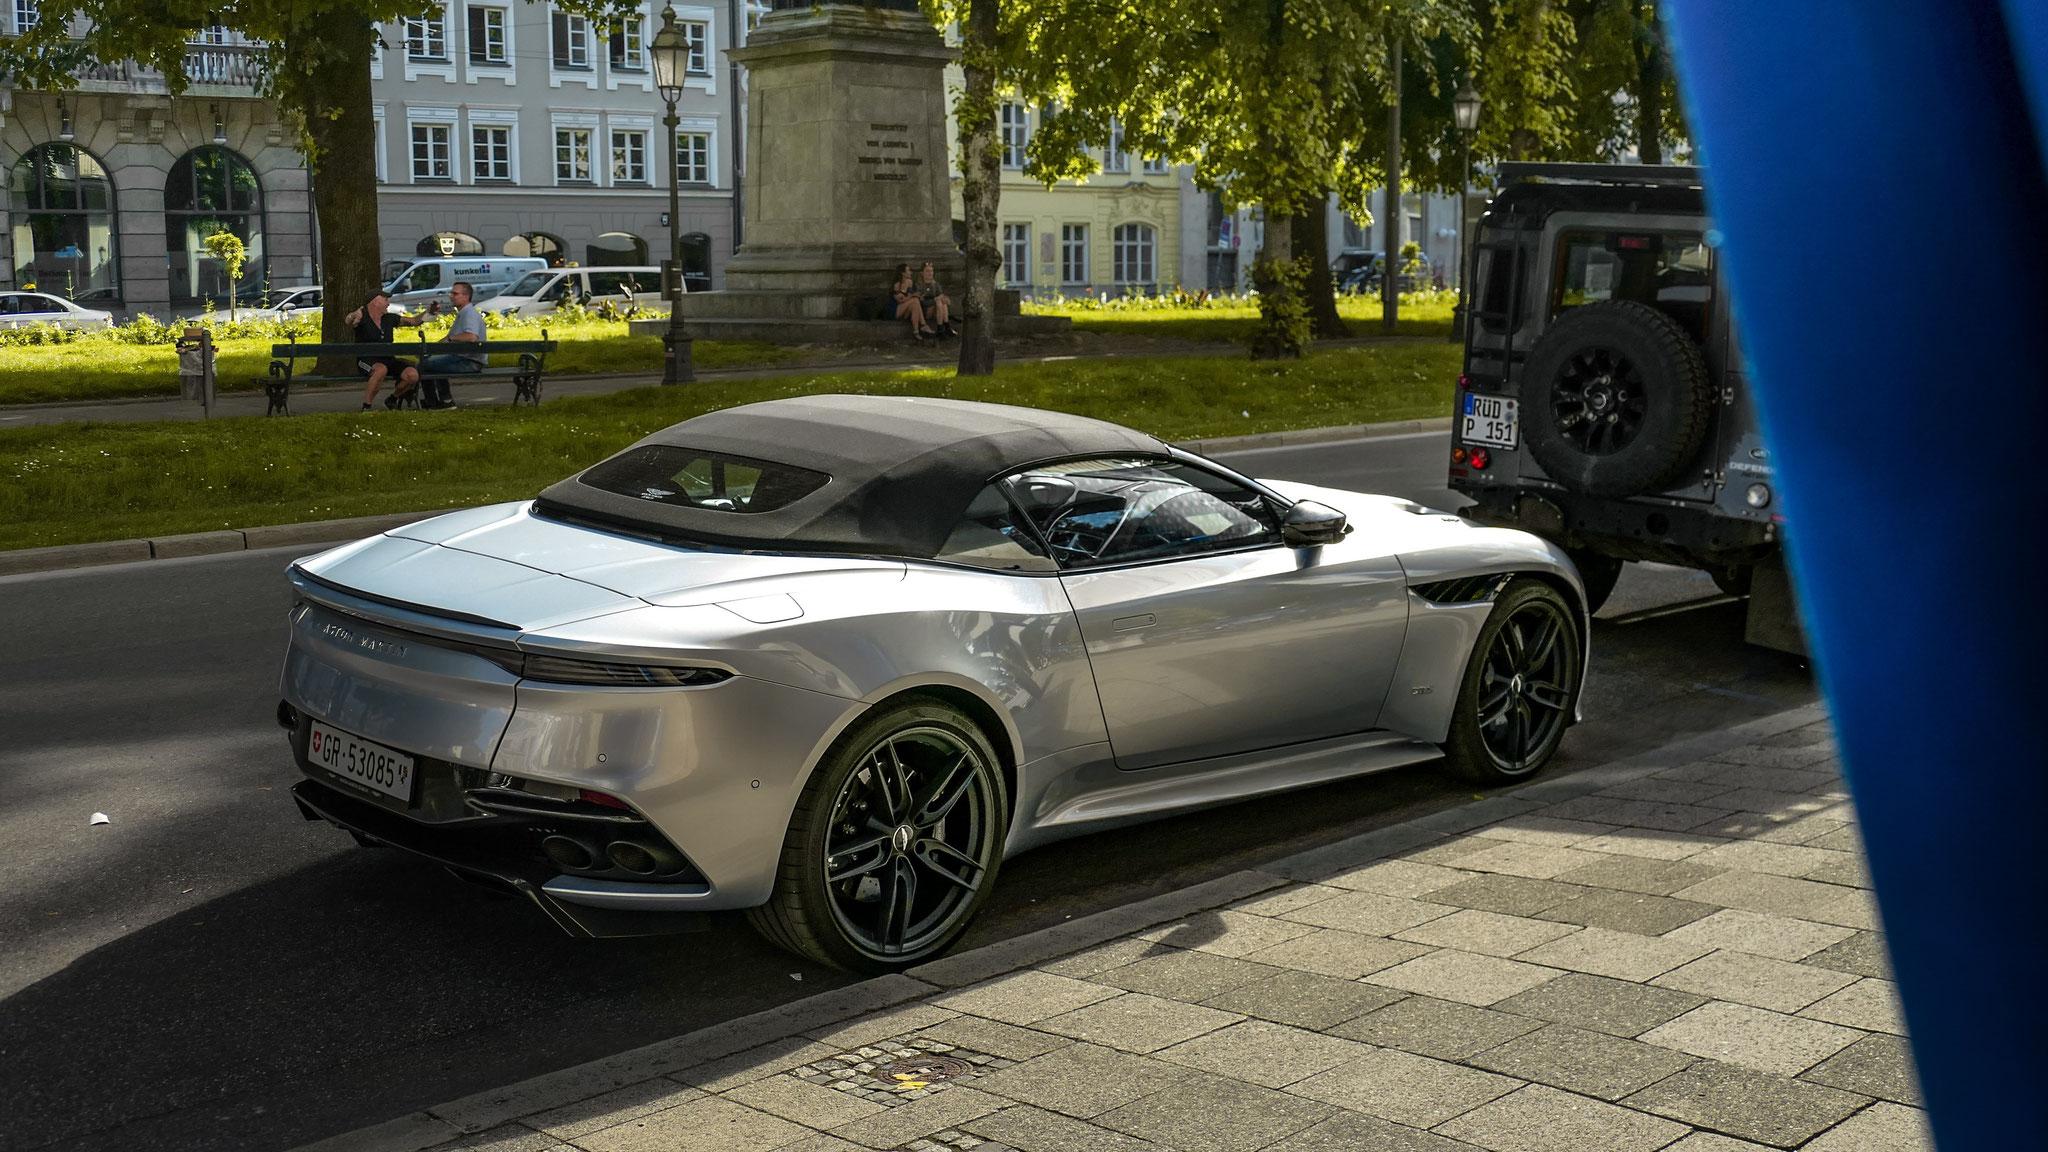 Aston Martin DBS Superleggera Volante - GR-53085 (CH)